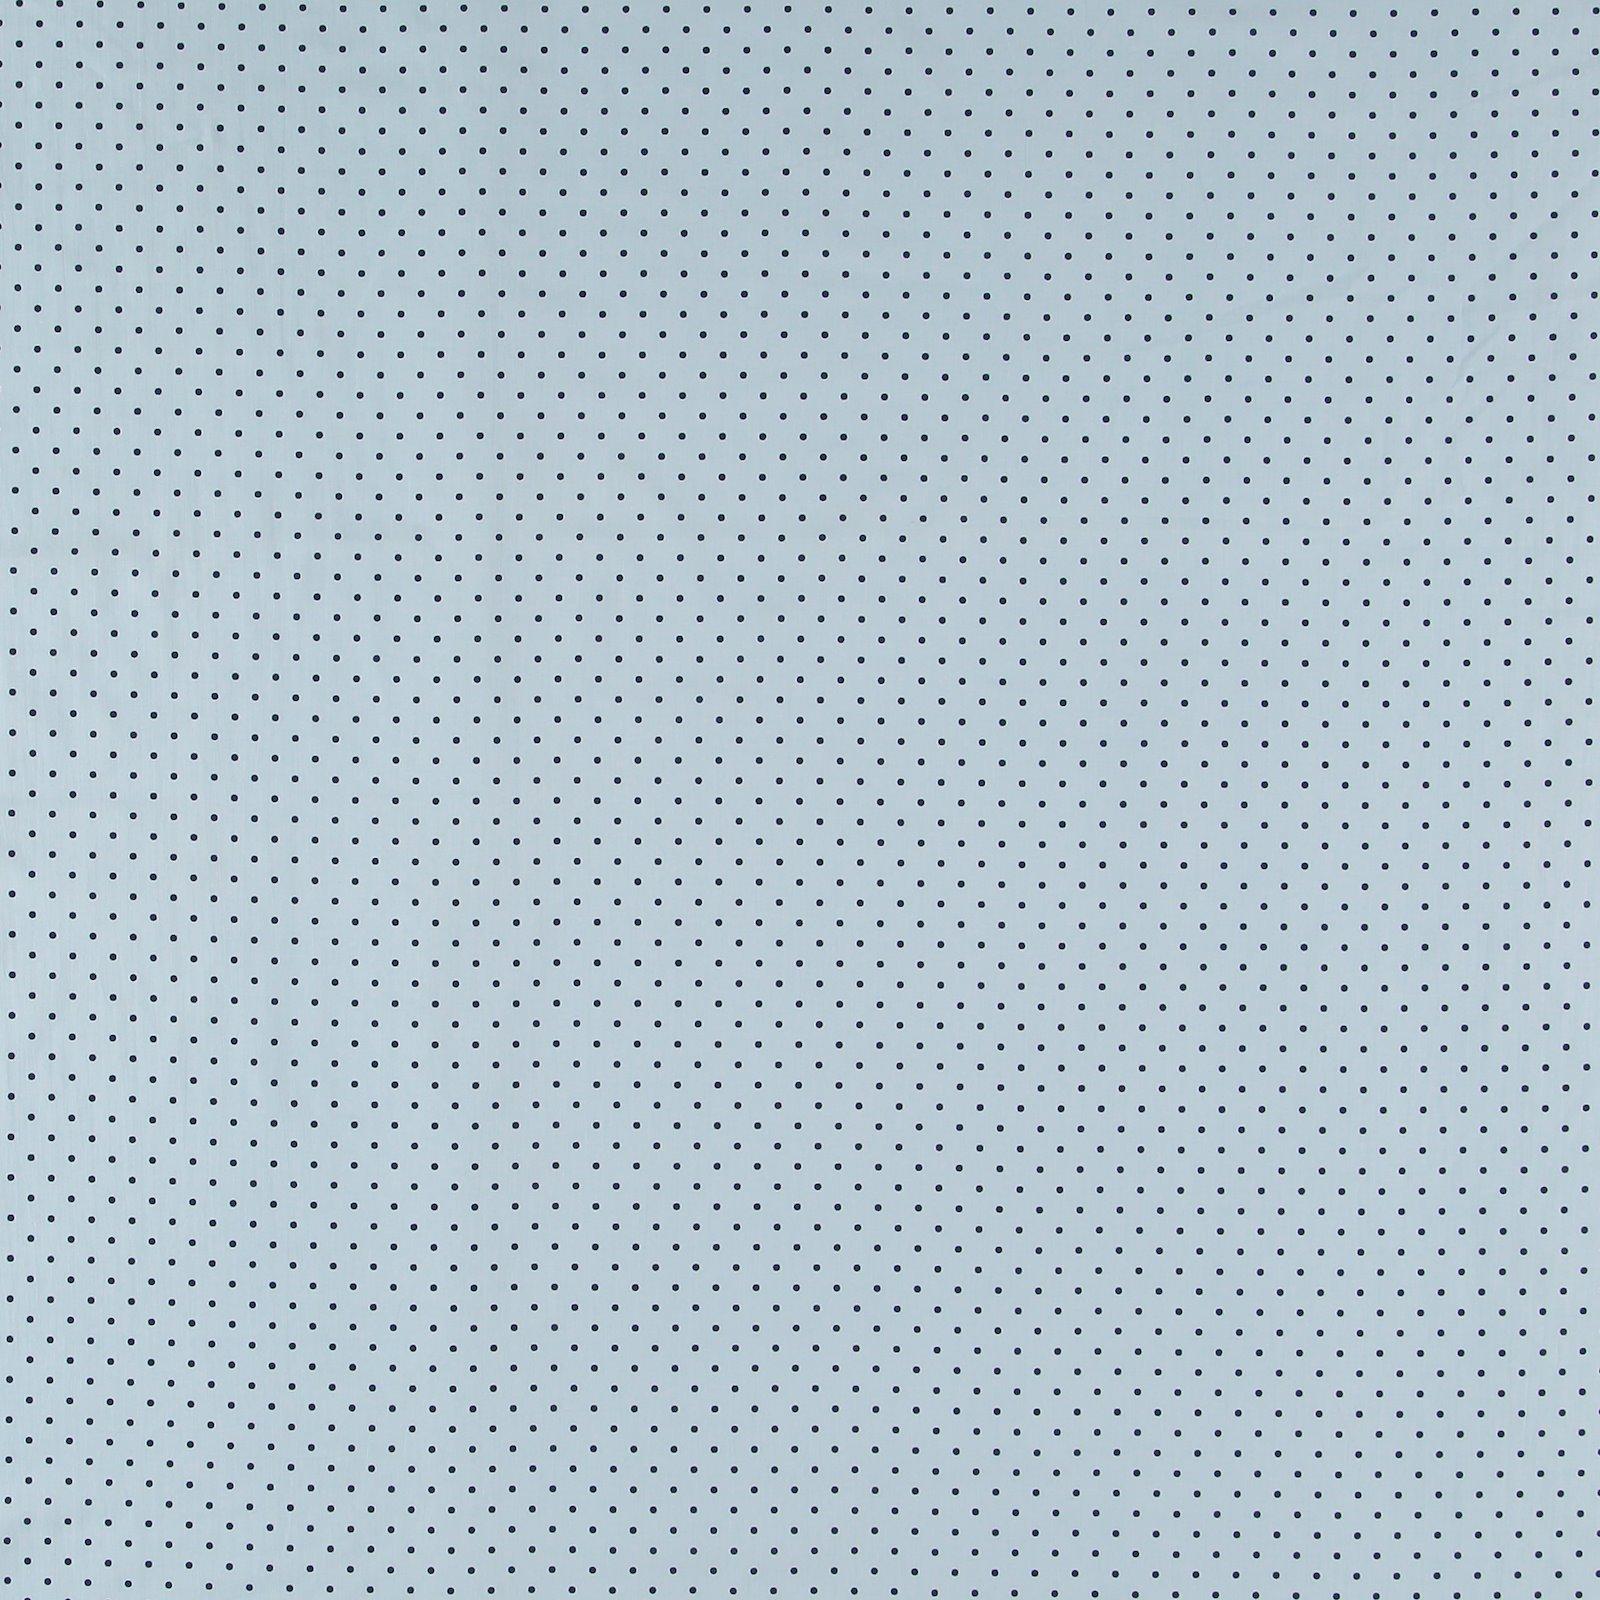 Woven light cotton light blue w navy dot 501857_pack_sp